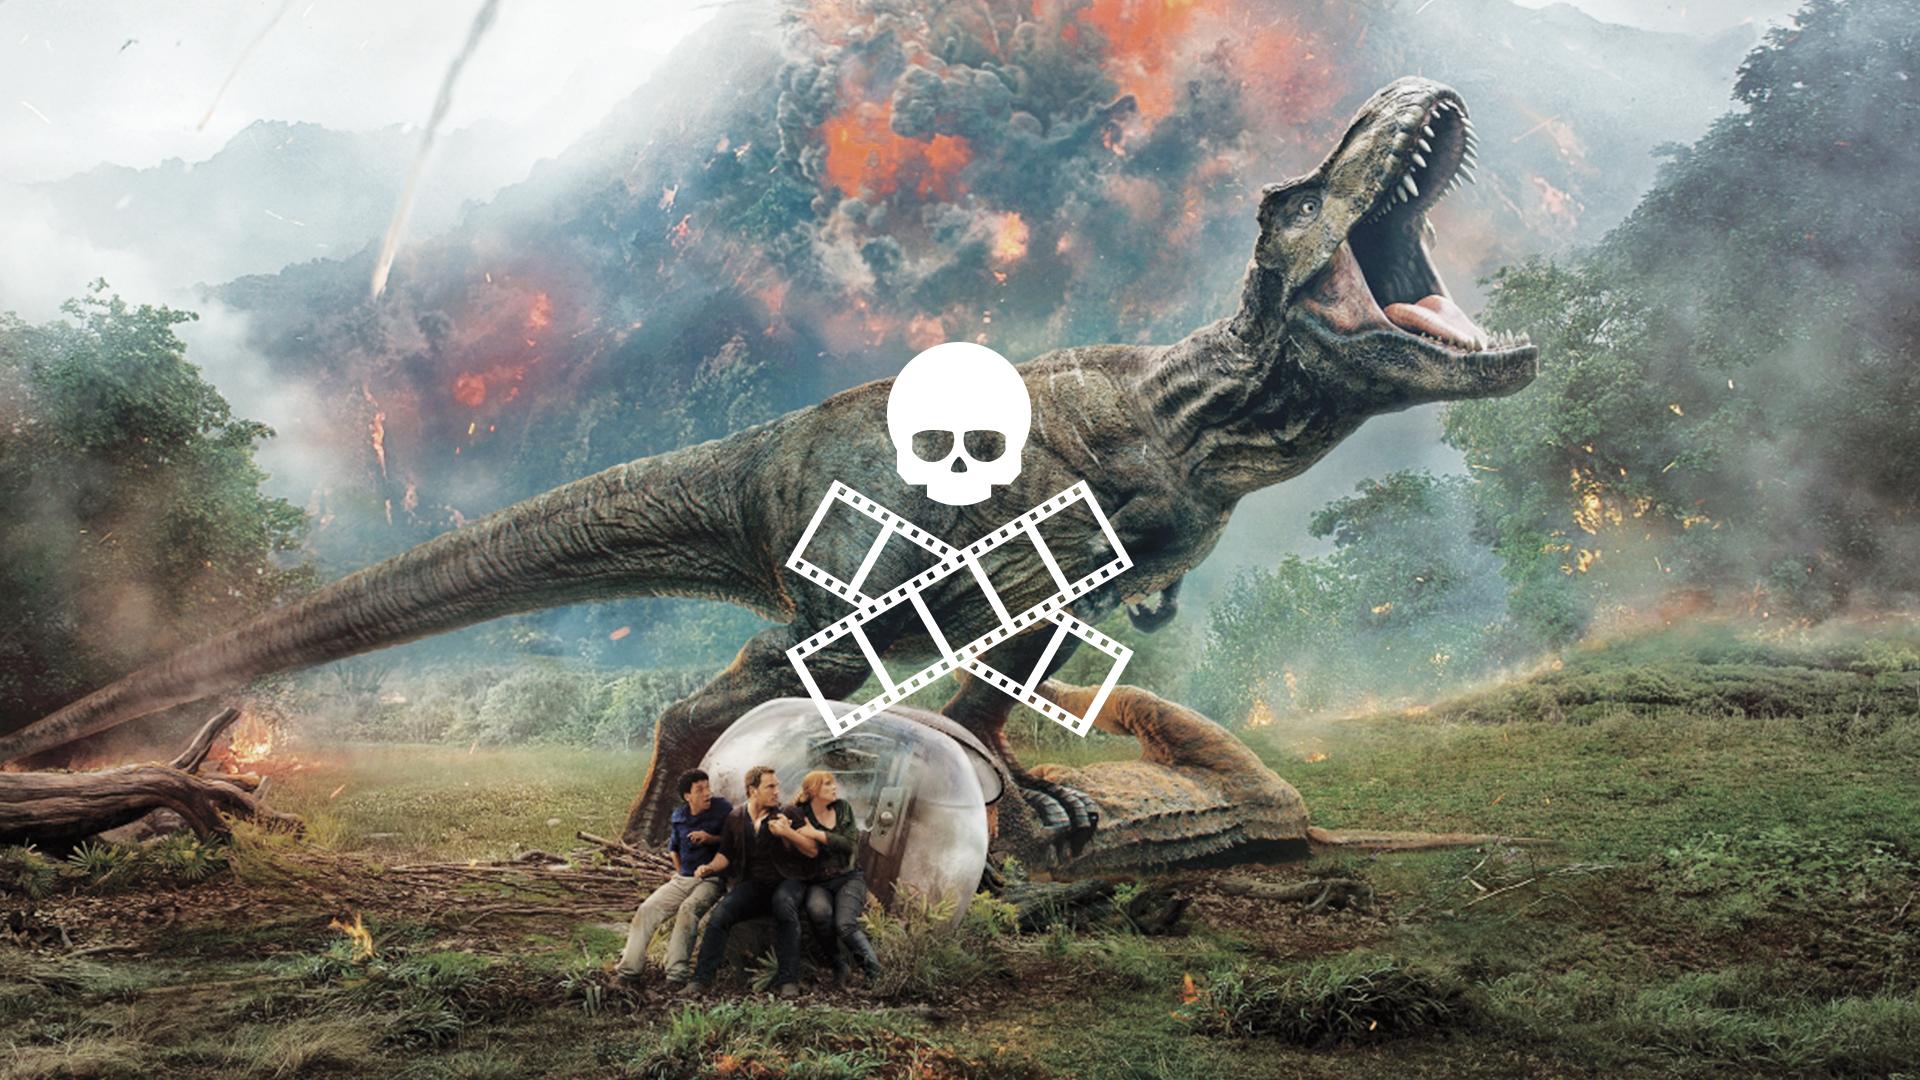 126. Jurassic World: Fallen Kingdom